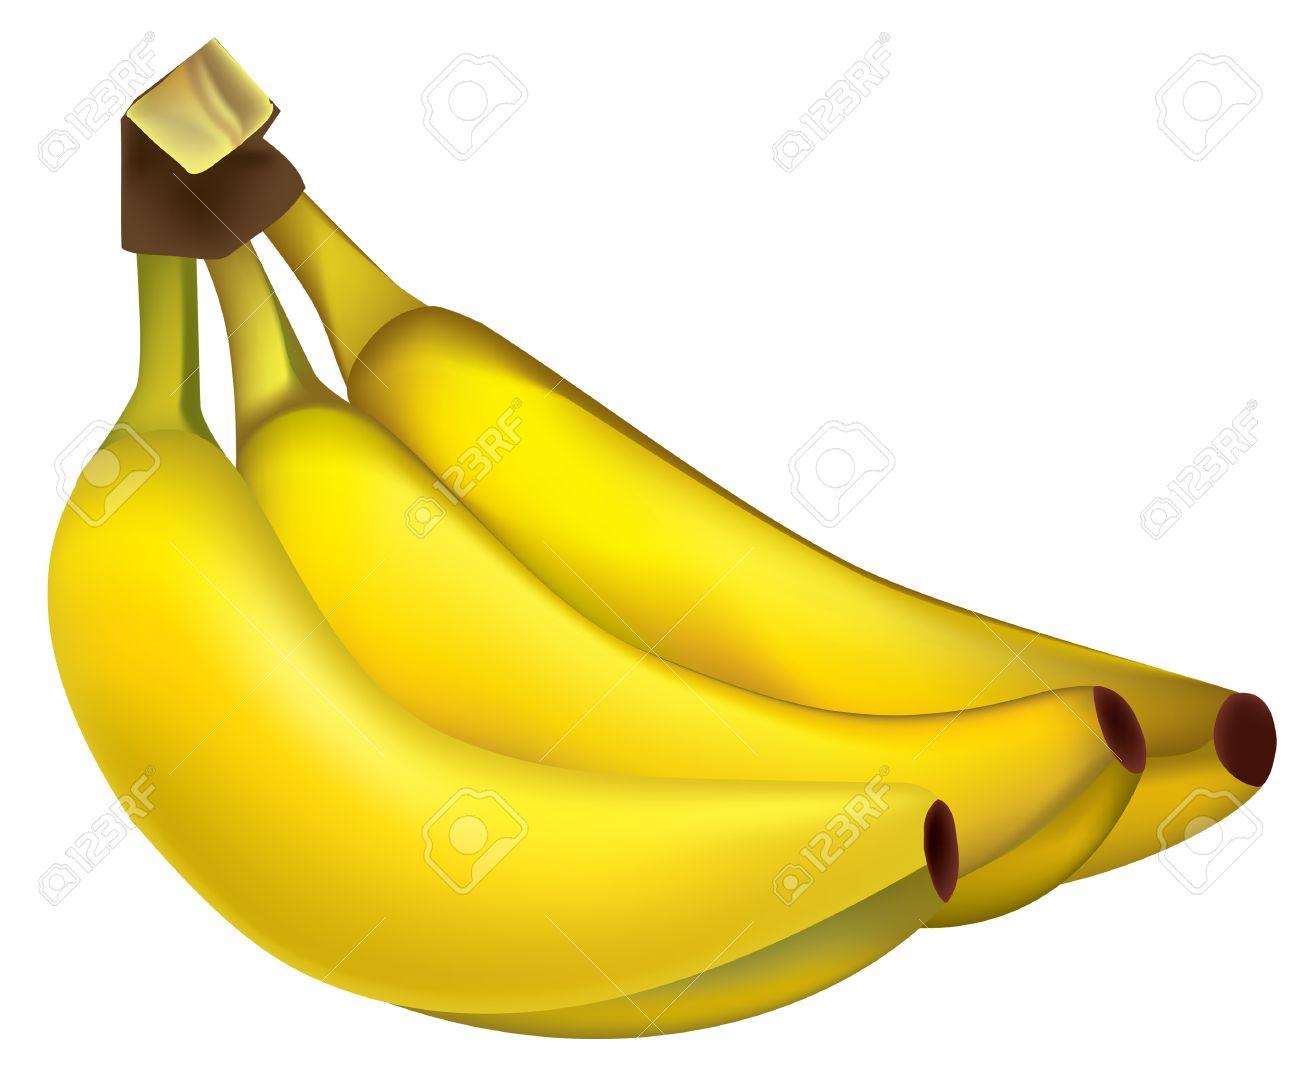 Bananas clipart bnana. Clip art clipartpen